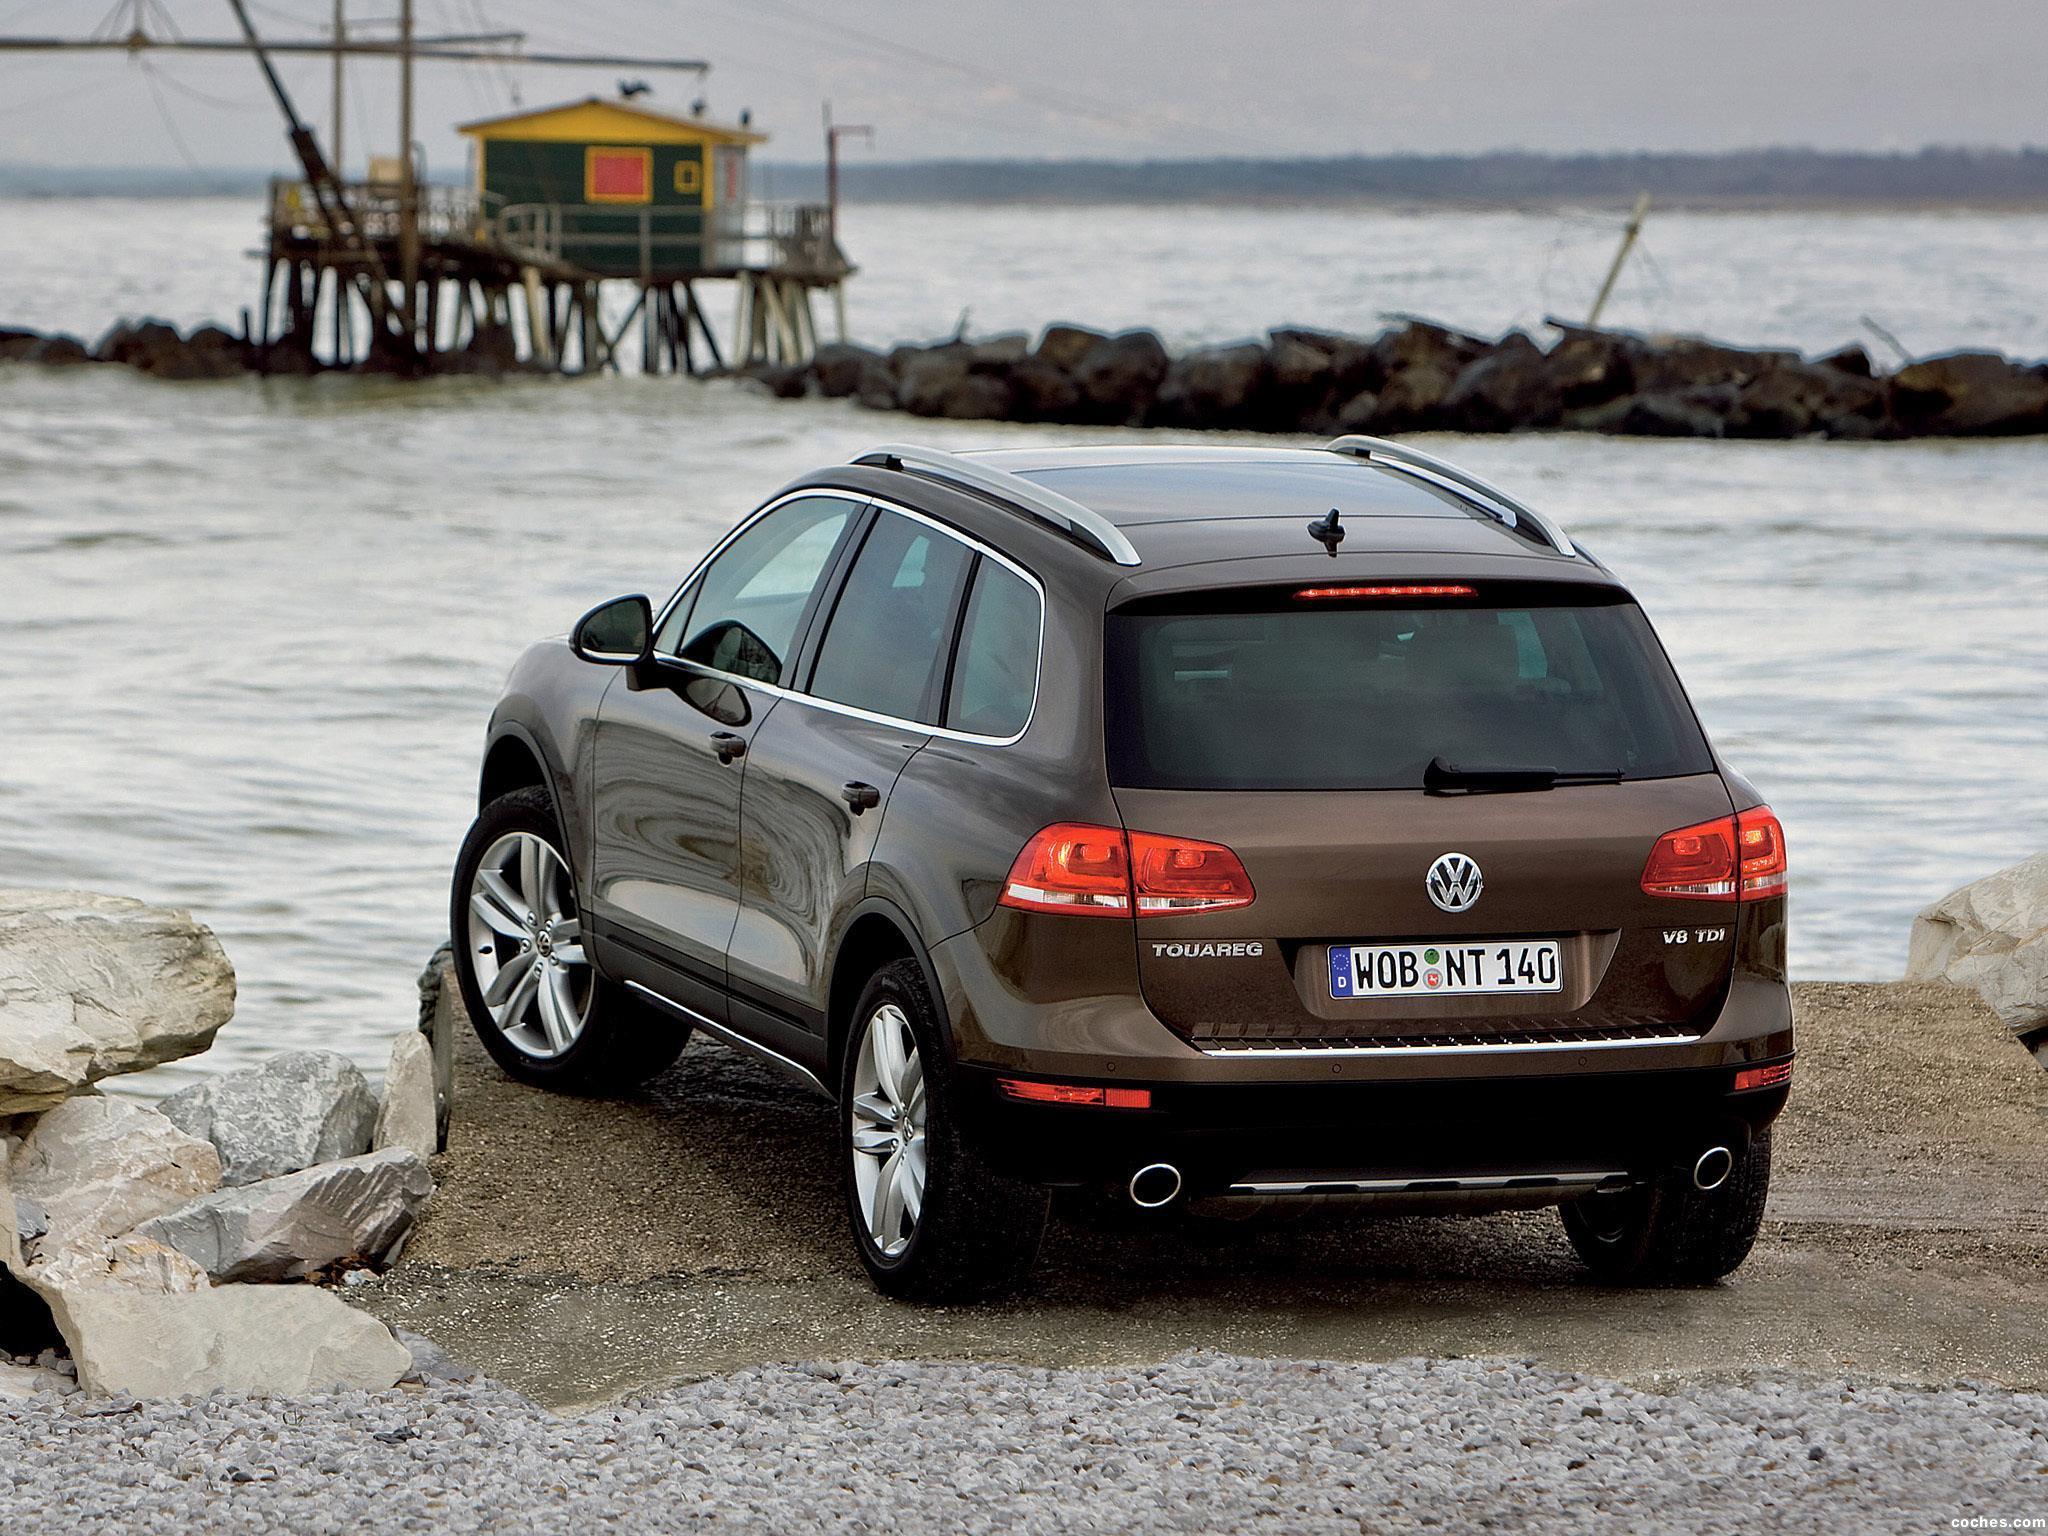 Foto 12 de Volkswagen Touareg V8 TDi 2010